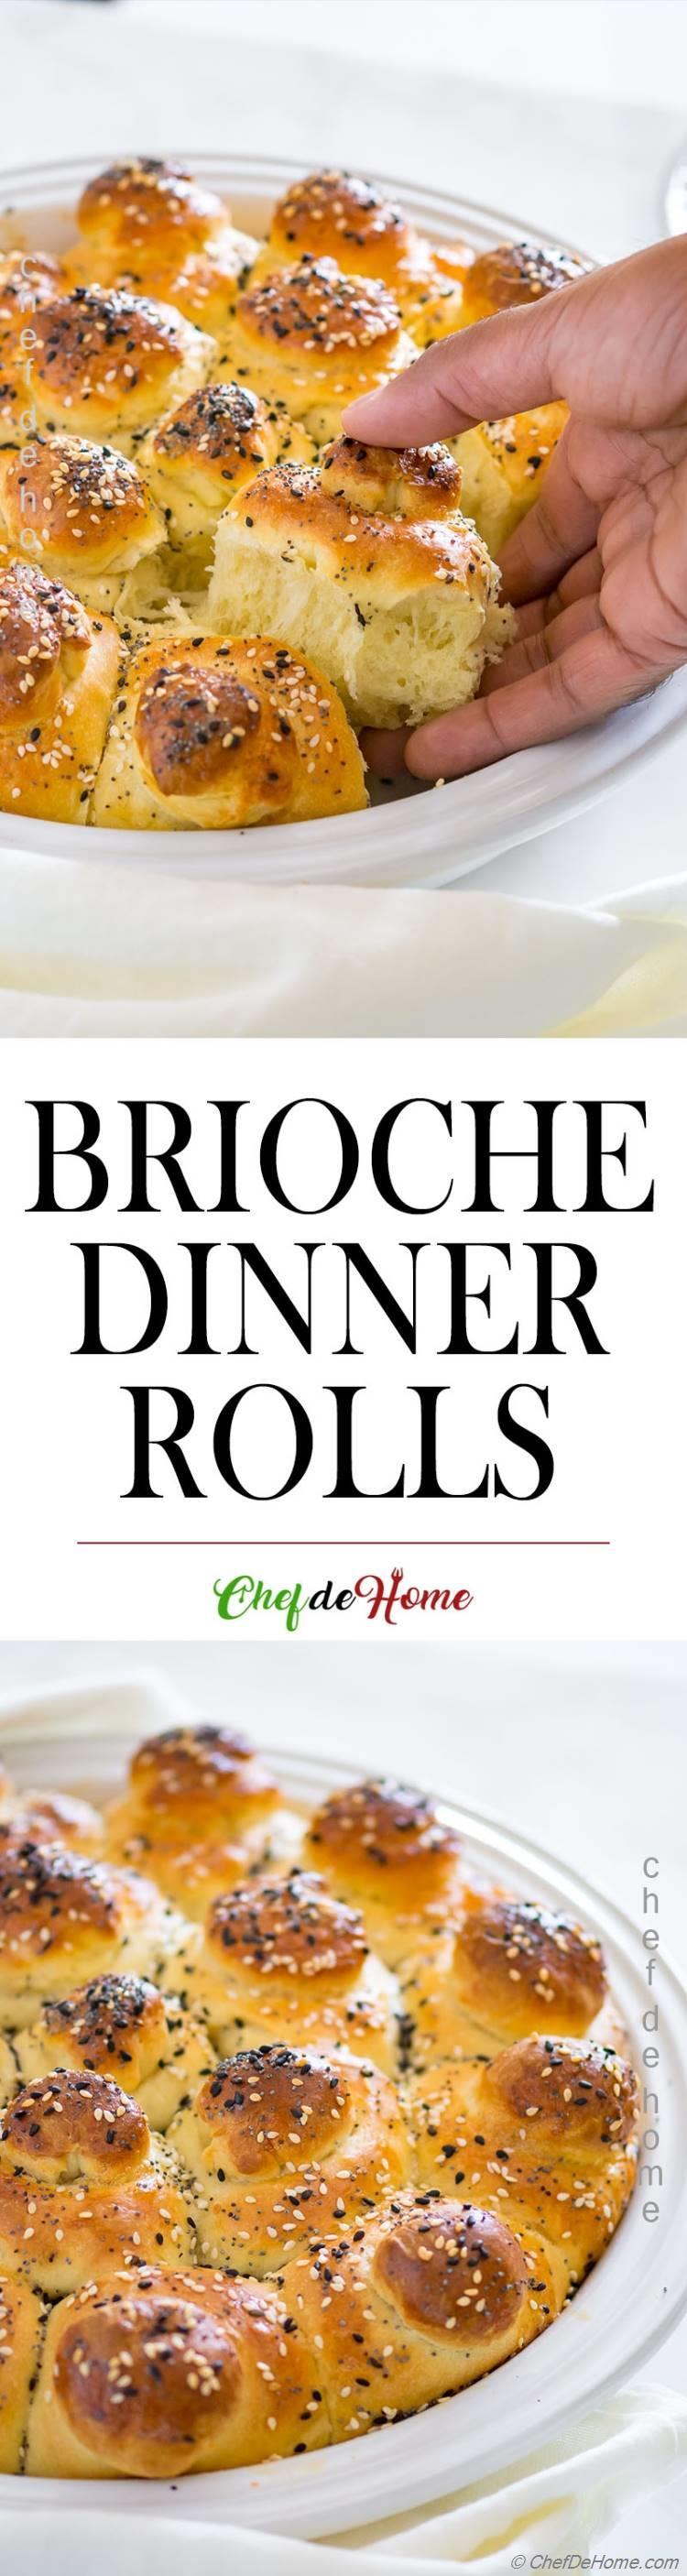 Dinner rolls with brioche dough